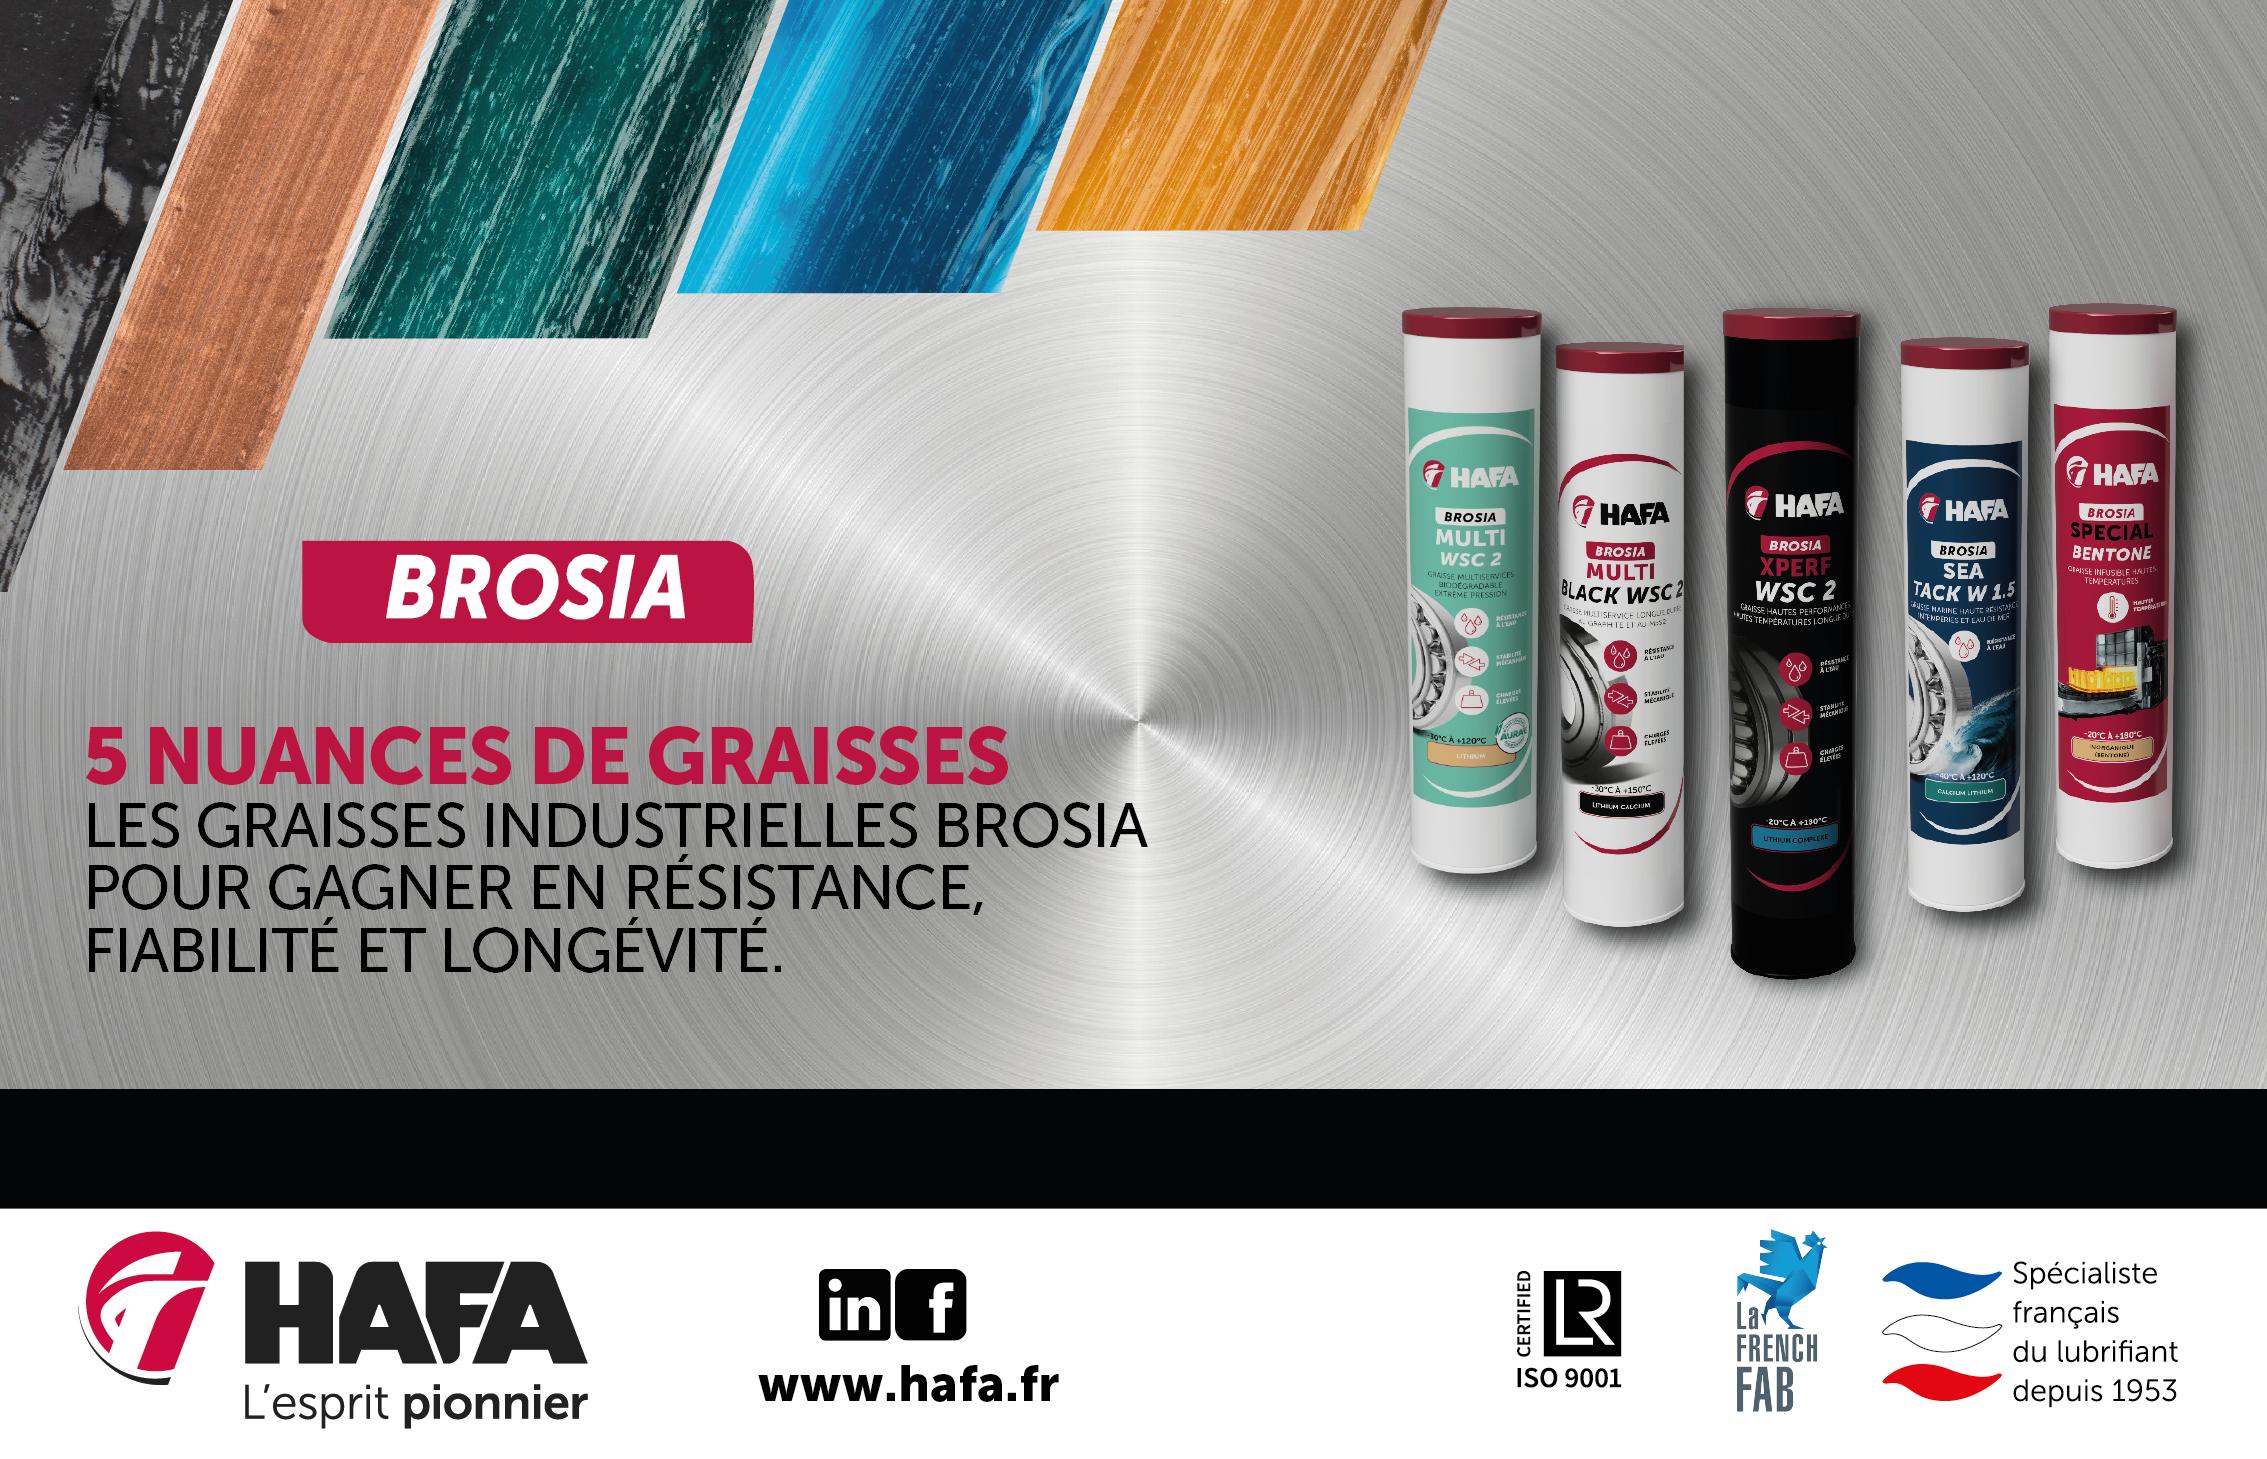 Hafa lance une nouvelle gamme BROSIA – 5 Nuances de Graisses industrielles. dans - - - ACTUALITE GRAISSES. 1_2-PAGE-BROSIA